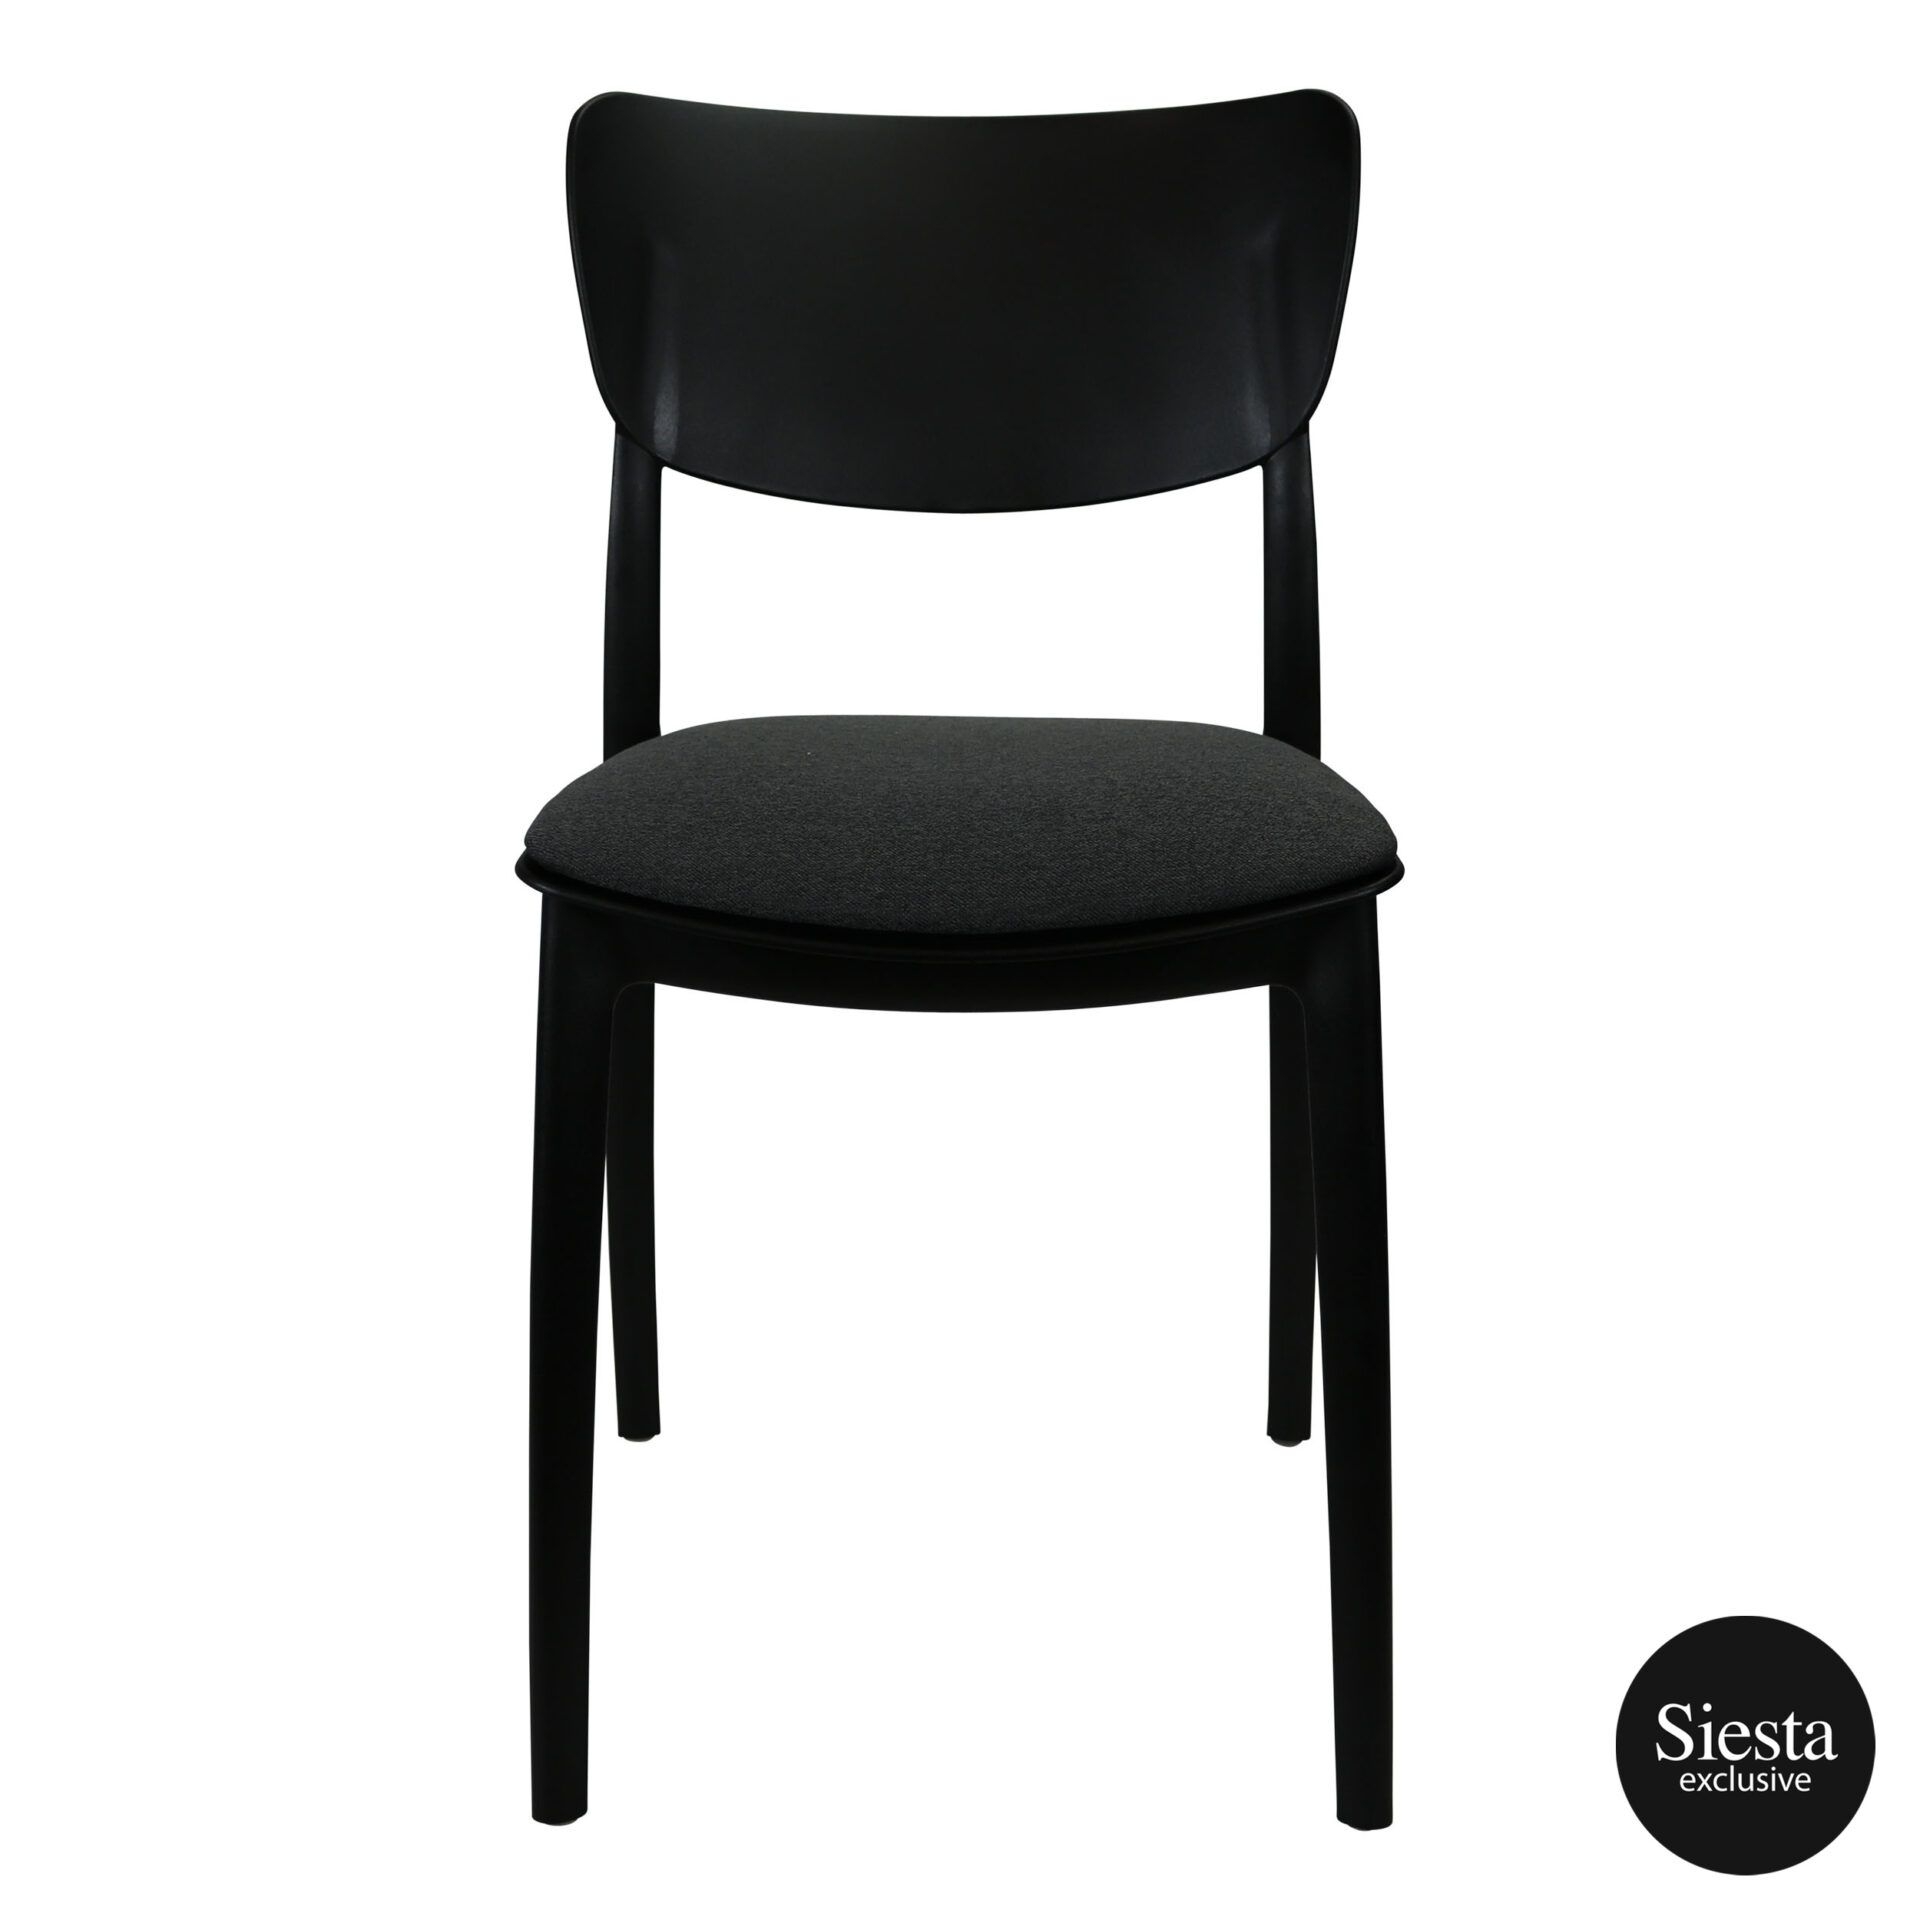 monna chair black c2